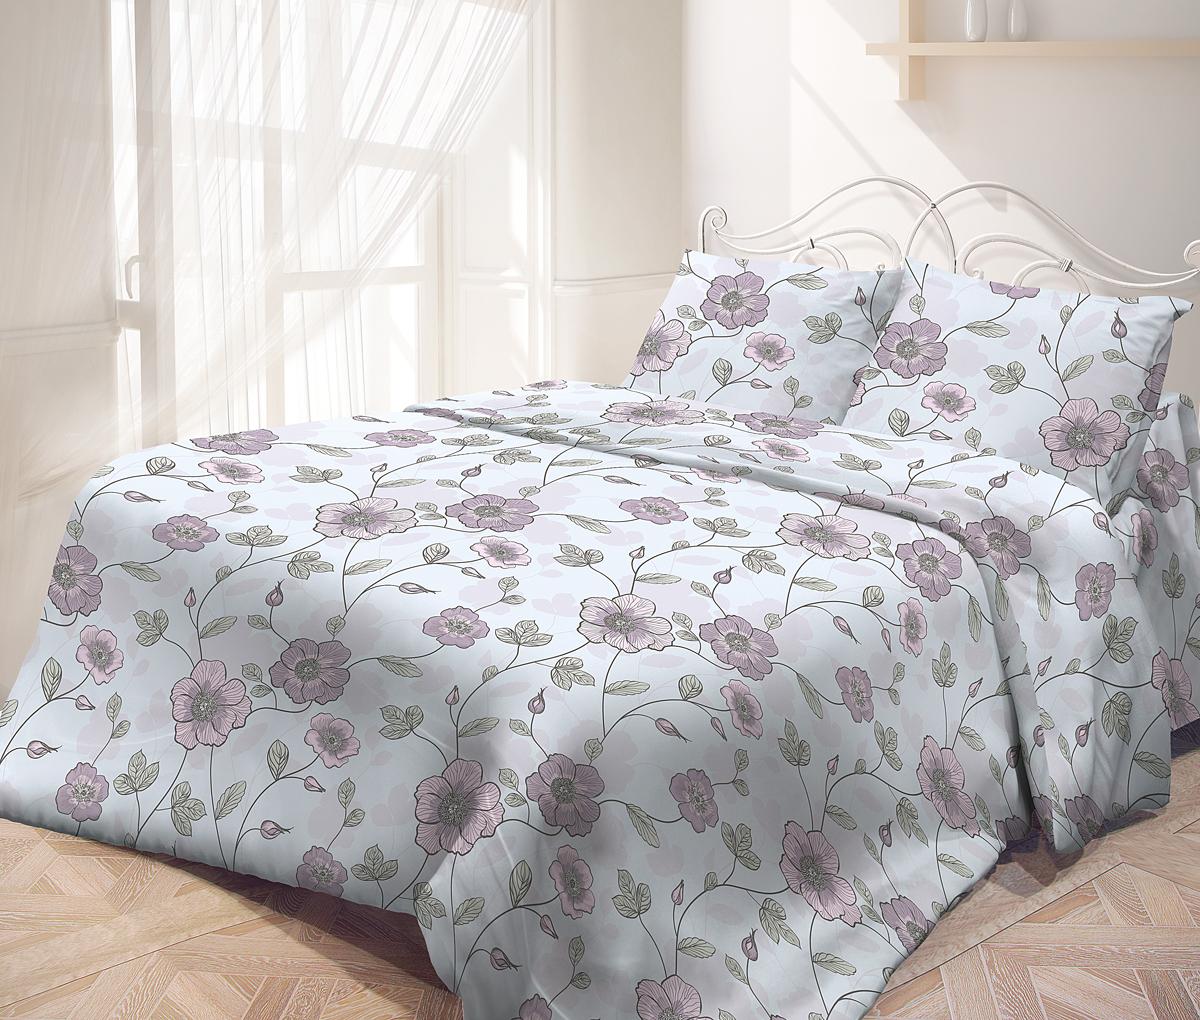 Комплект белья Самойловский текстиль Июнь, 1,5-спальный, наволочки 70х70 комплекты белья